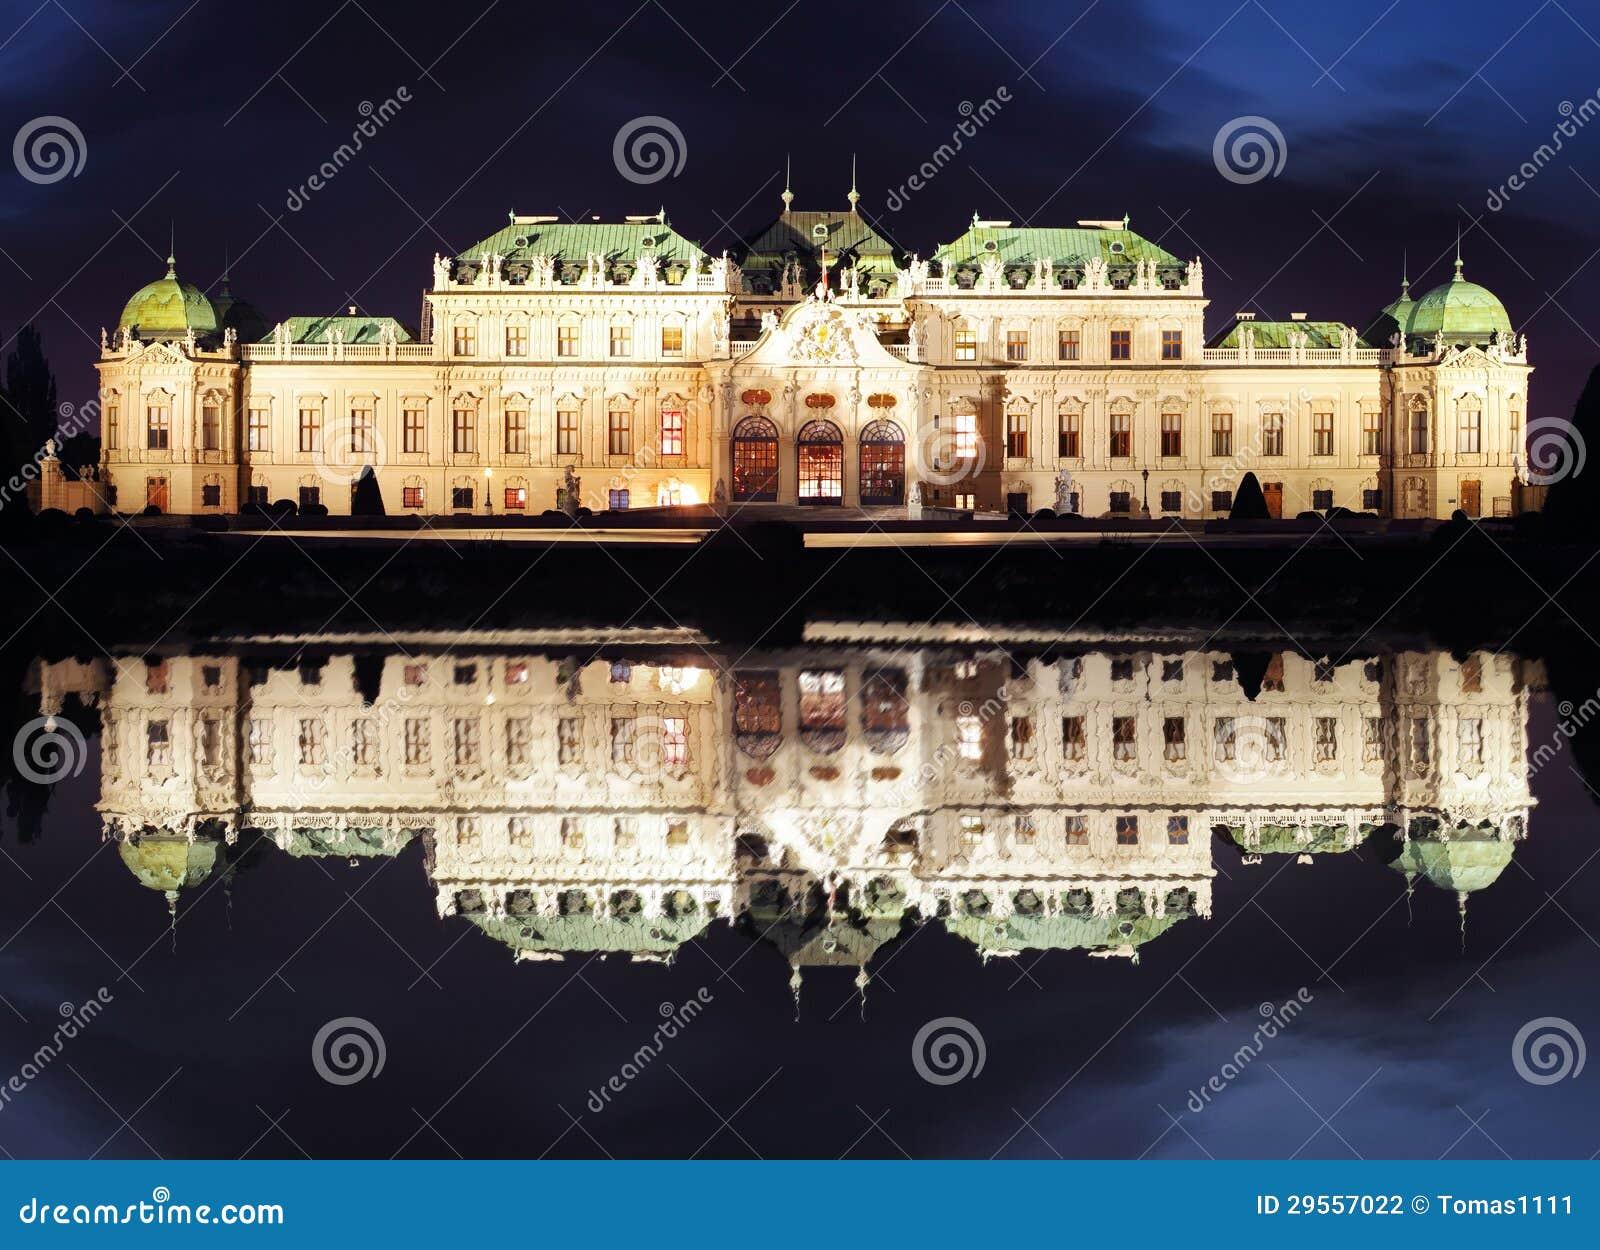 Viena en la noche - palacio del belvedere, Austria